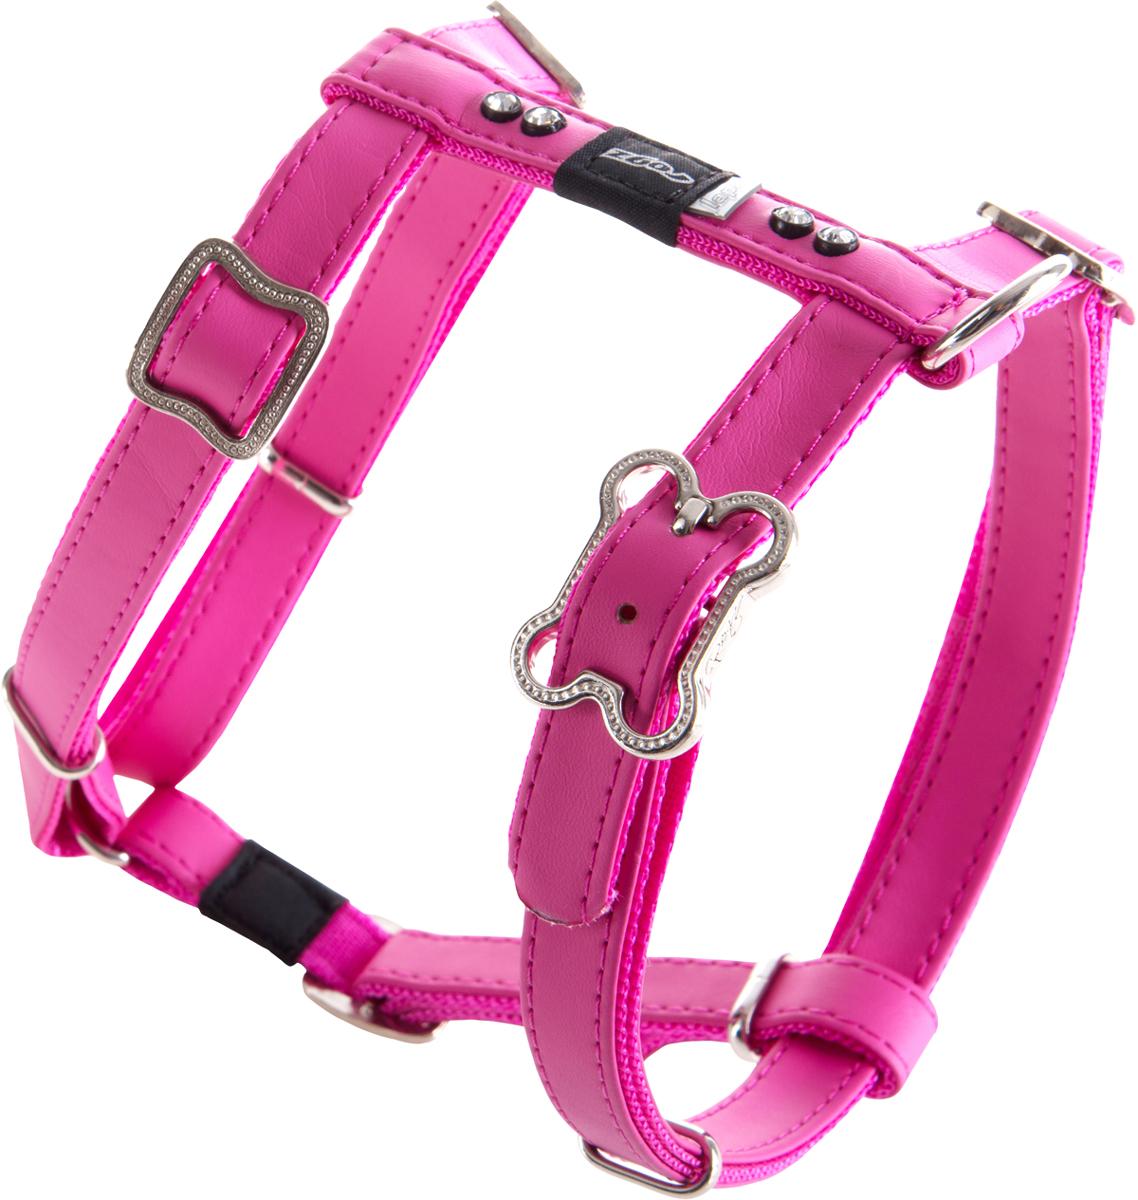 Шлейка для собак Rogz Luna, цвет: розовый, ширина 1,6 см. Размер MSJ503KШлейка для собак Rogz Luna обладает нежнейшей мягкостью и гибкостью.Авторский дизайн, яркие цвета, изысканные декоративные элементы со стразами.Шлейка подчеркнет индивидуальность вашей собаки.